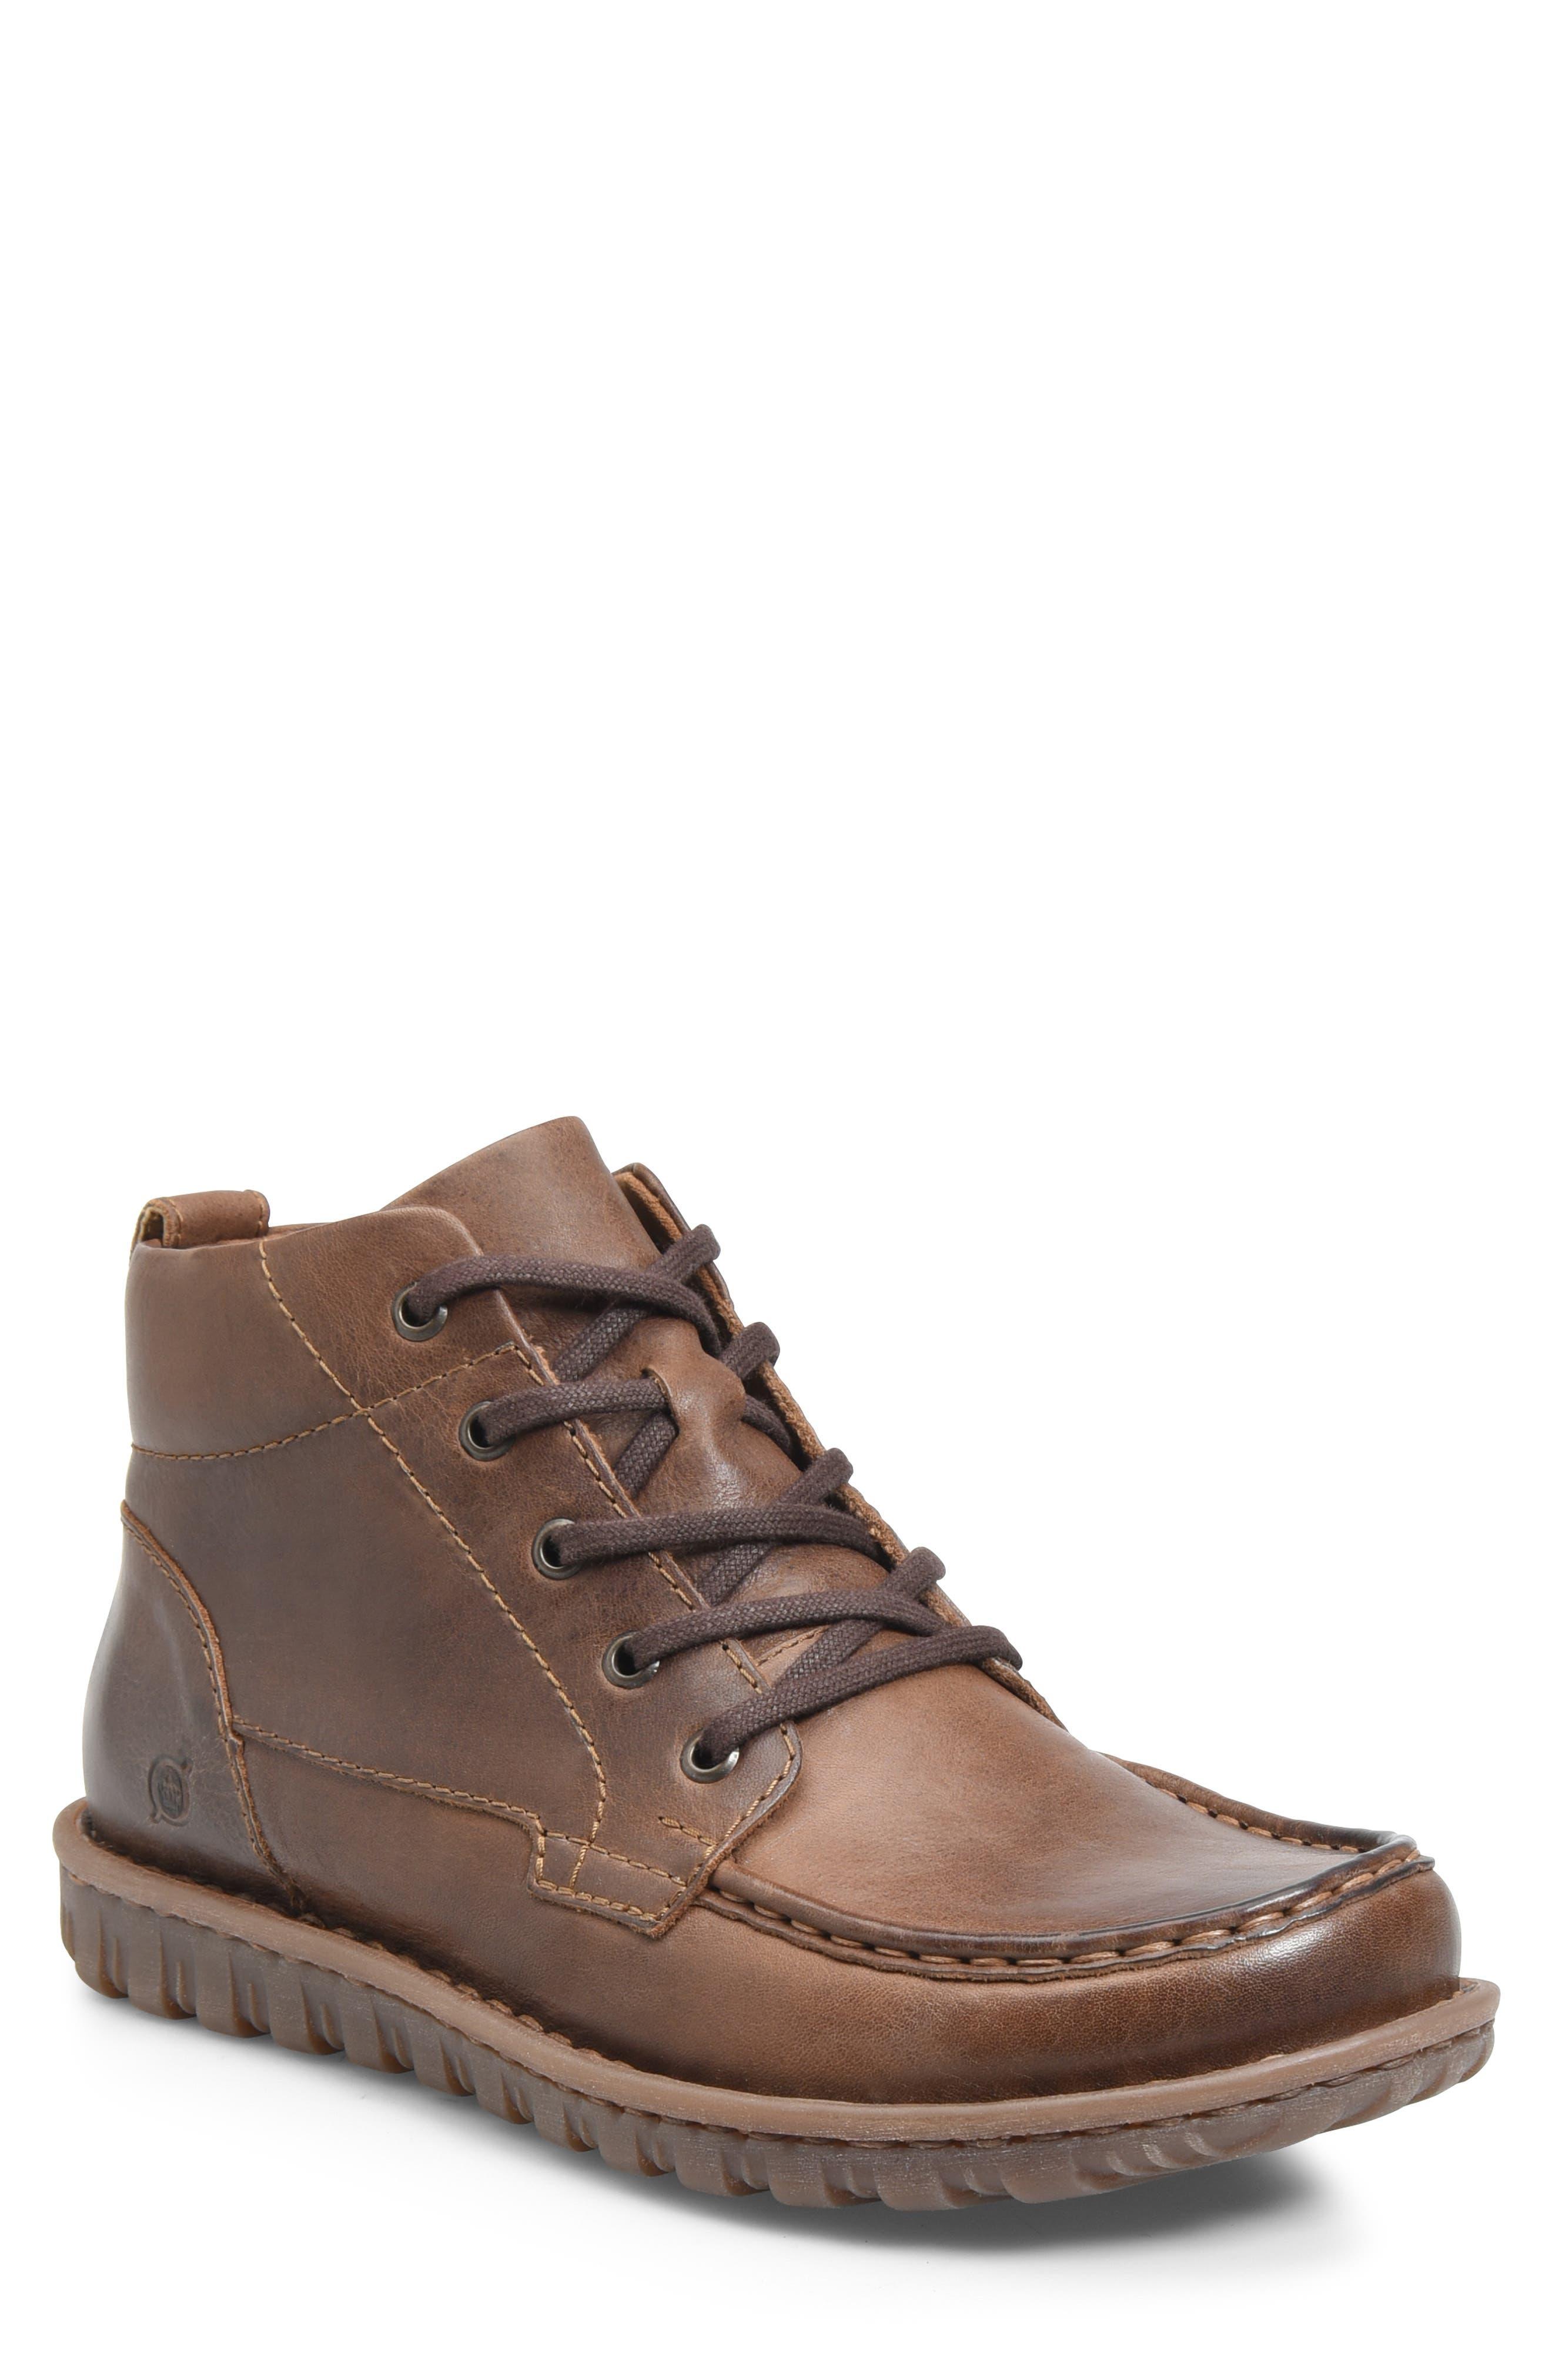 BØRN Gilden Moc Toe Boot, Main, color, BROWN LEATHER